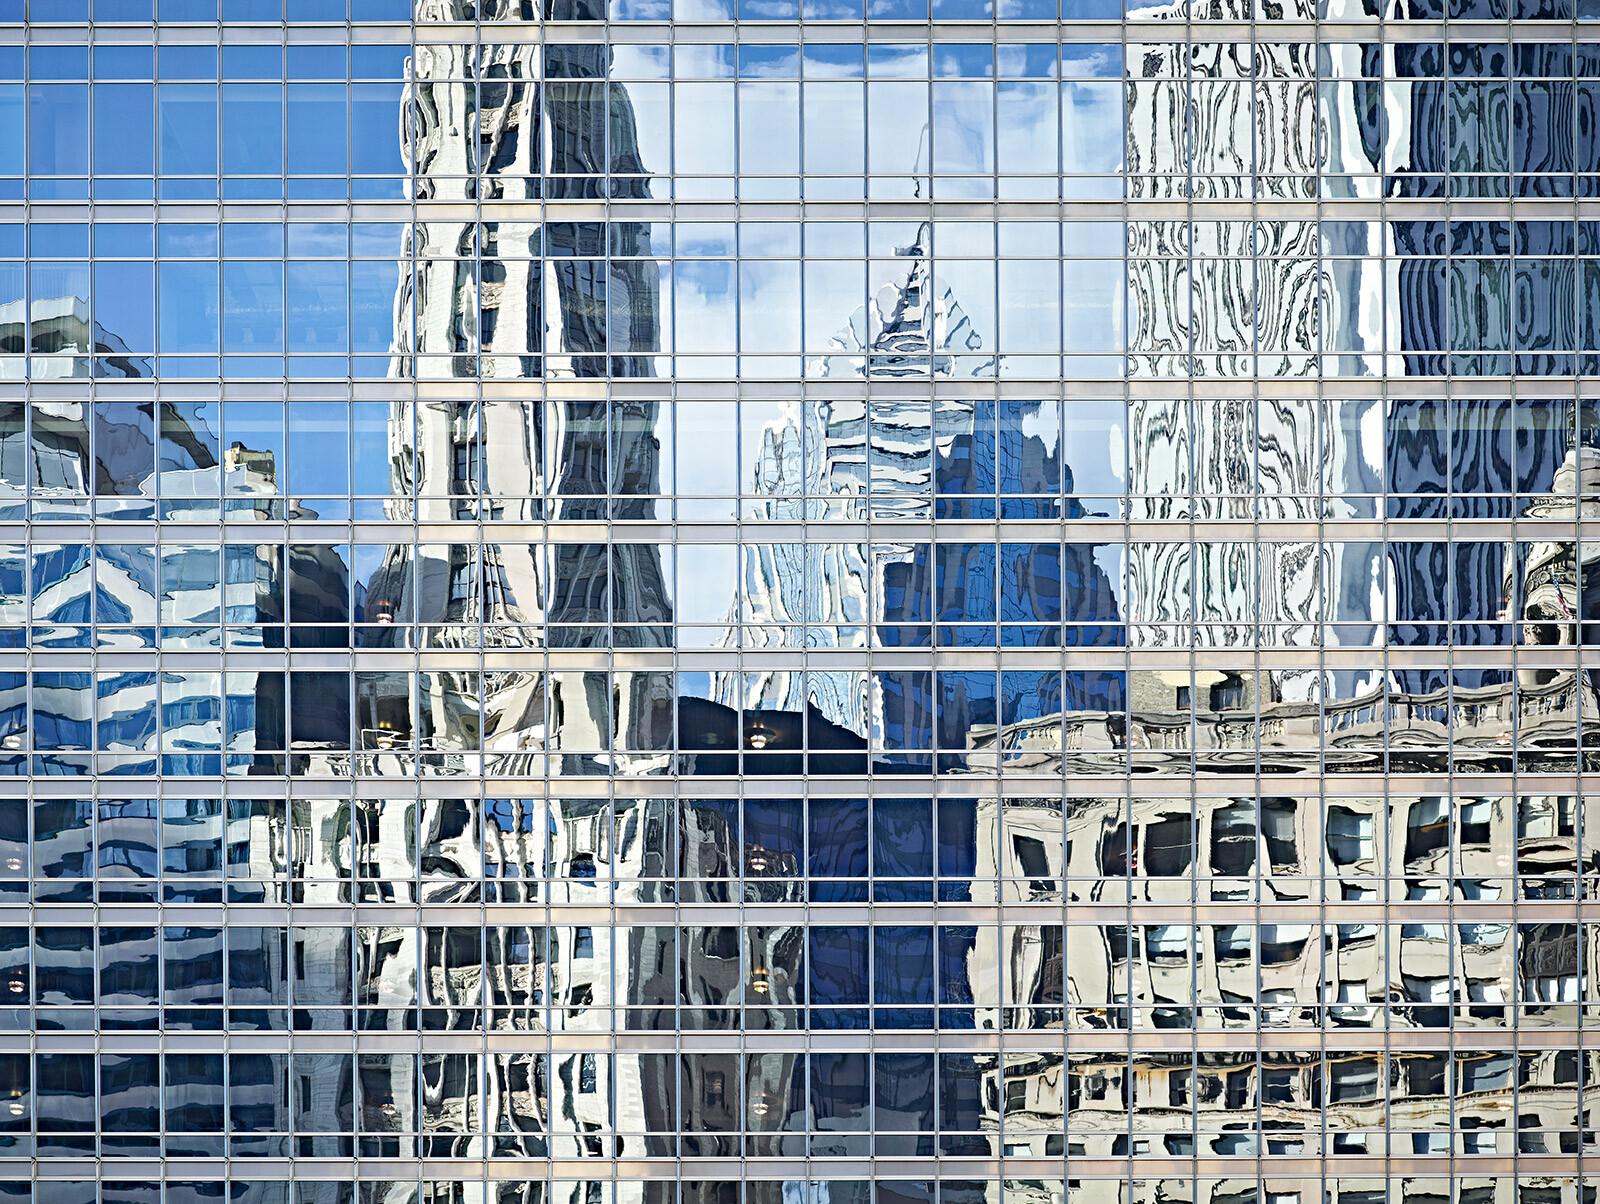 City Landscape, Chicago, IL - Andrea B. Stone